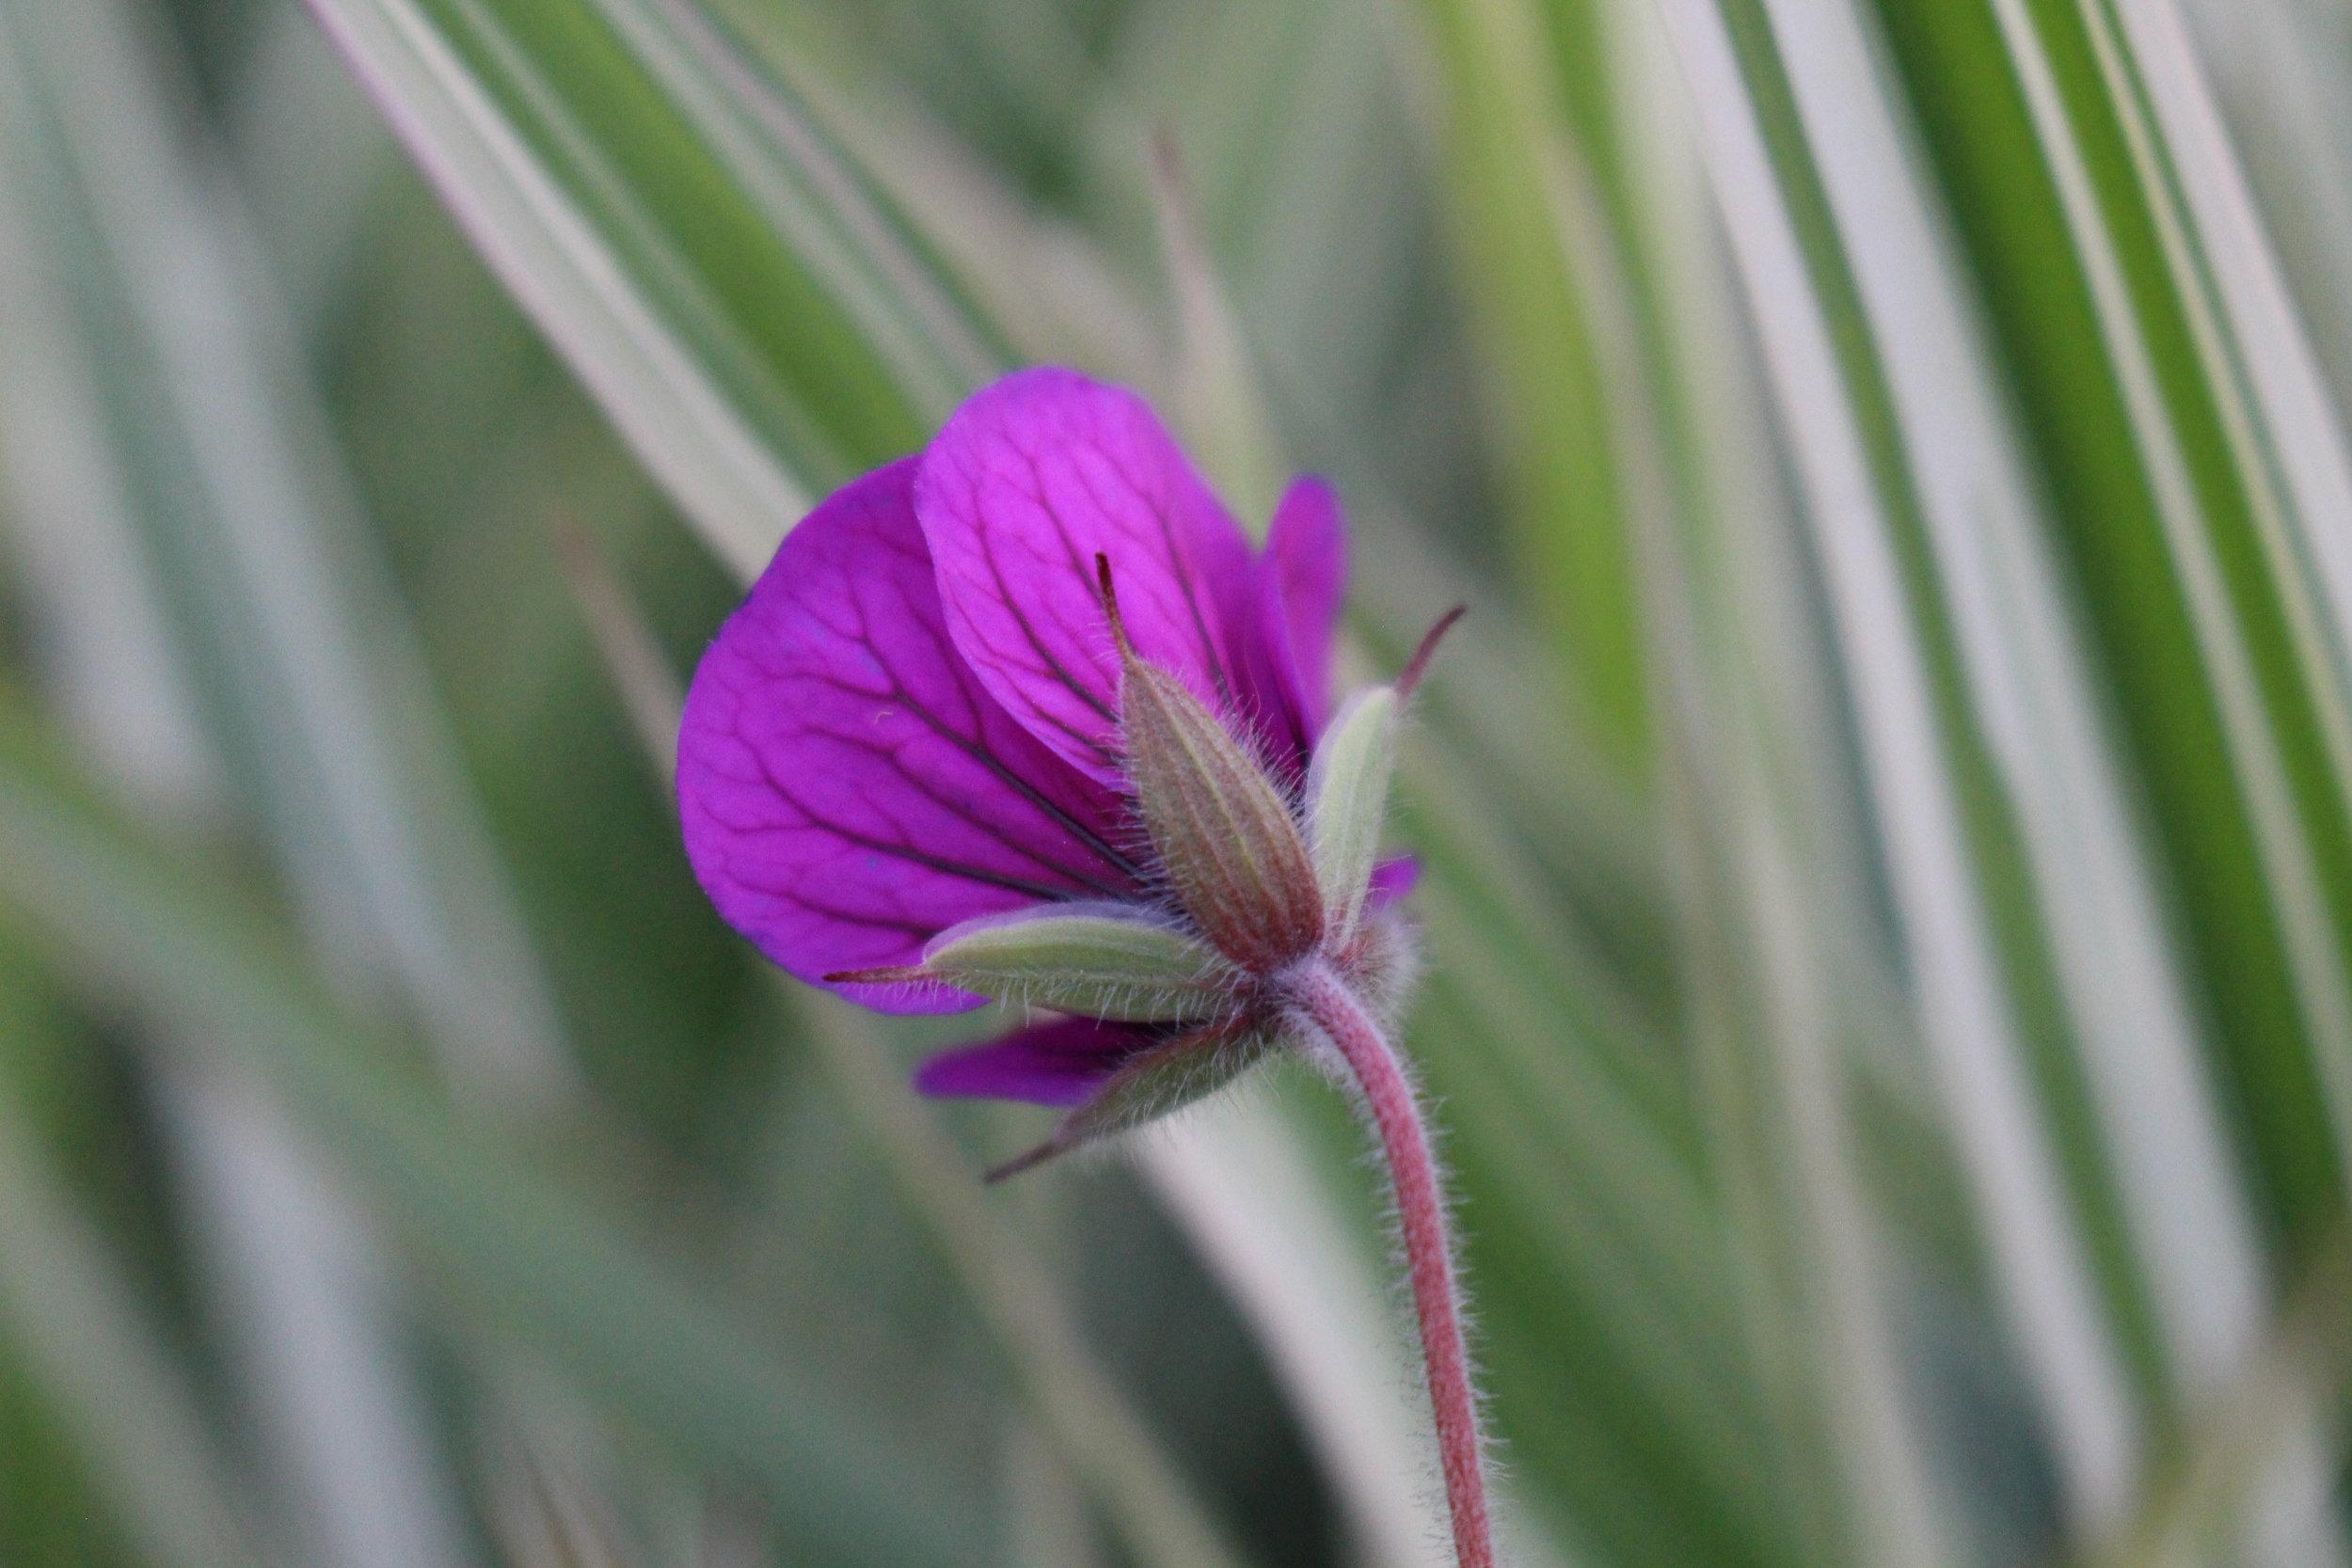 #168 Wax Flower, Chamelaucium